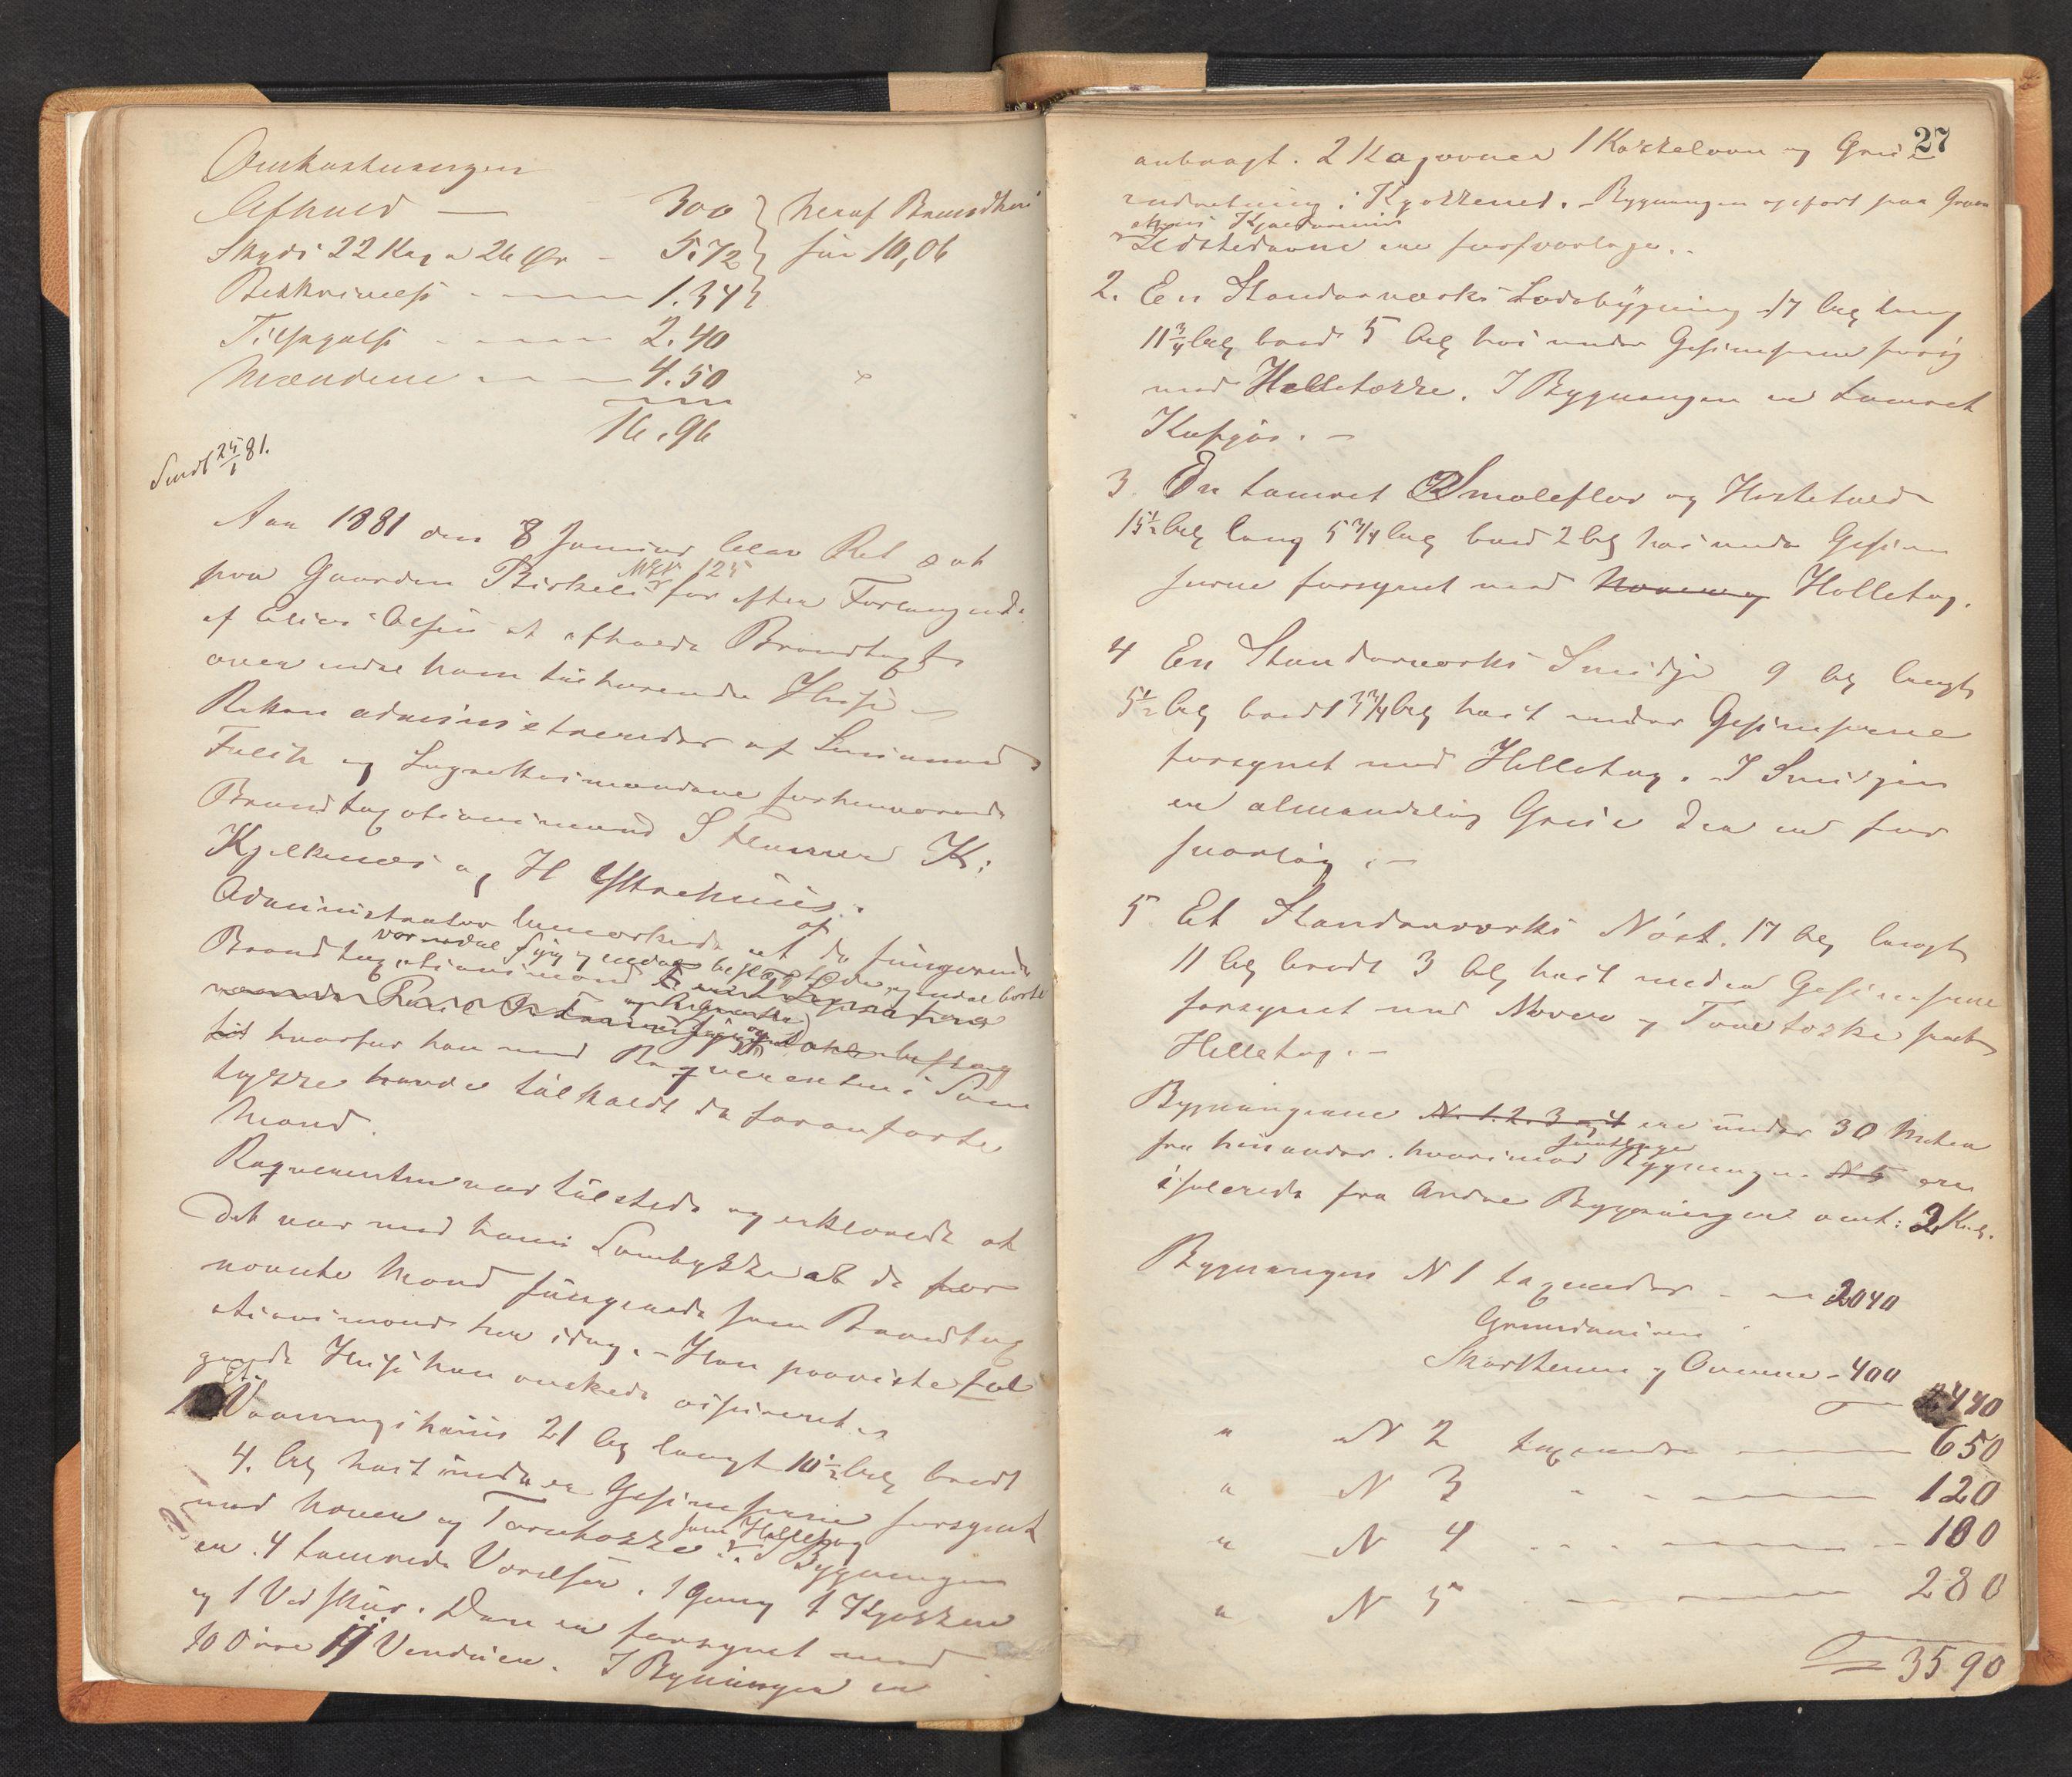 SAB, Lensmannen i Bremanger, 0012/L0002: Branntakstprotokoll, 1879-1947, s. 26b-27a